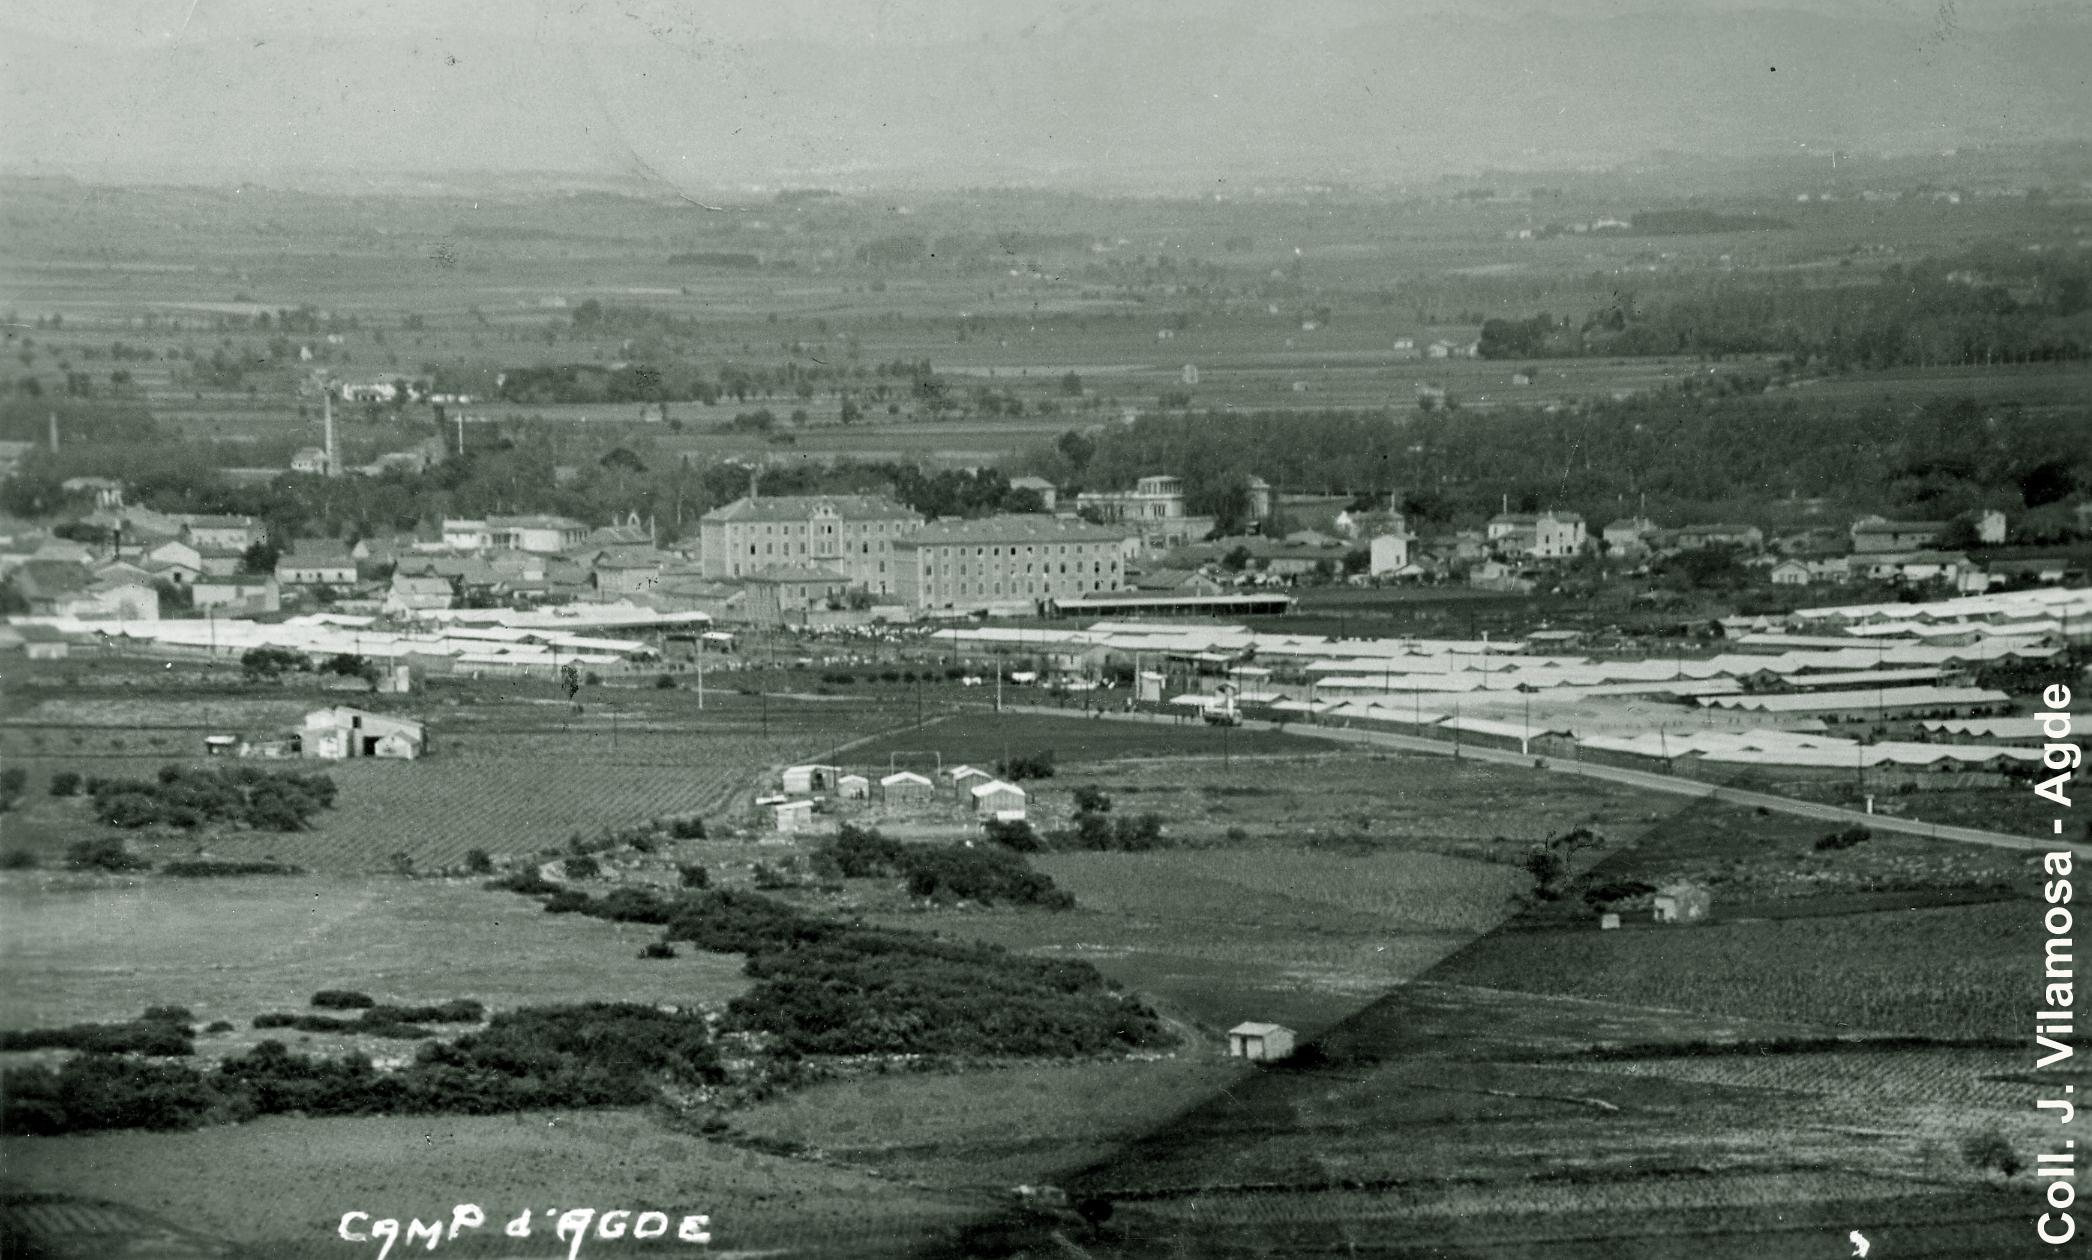 Vue aerienne surplombamt le camp d'Agde